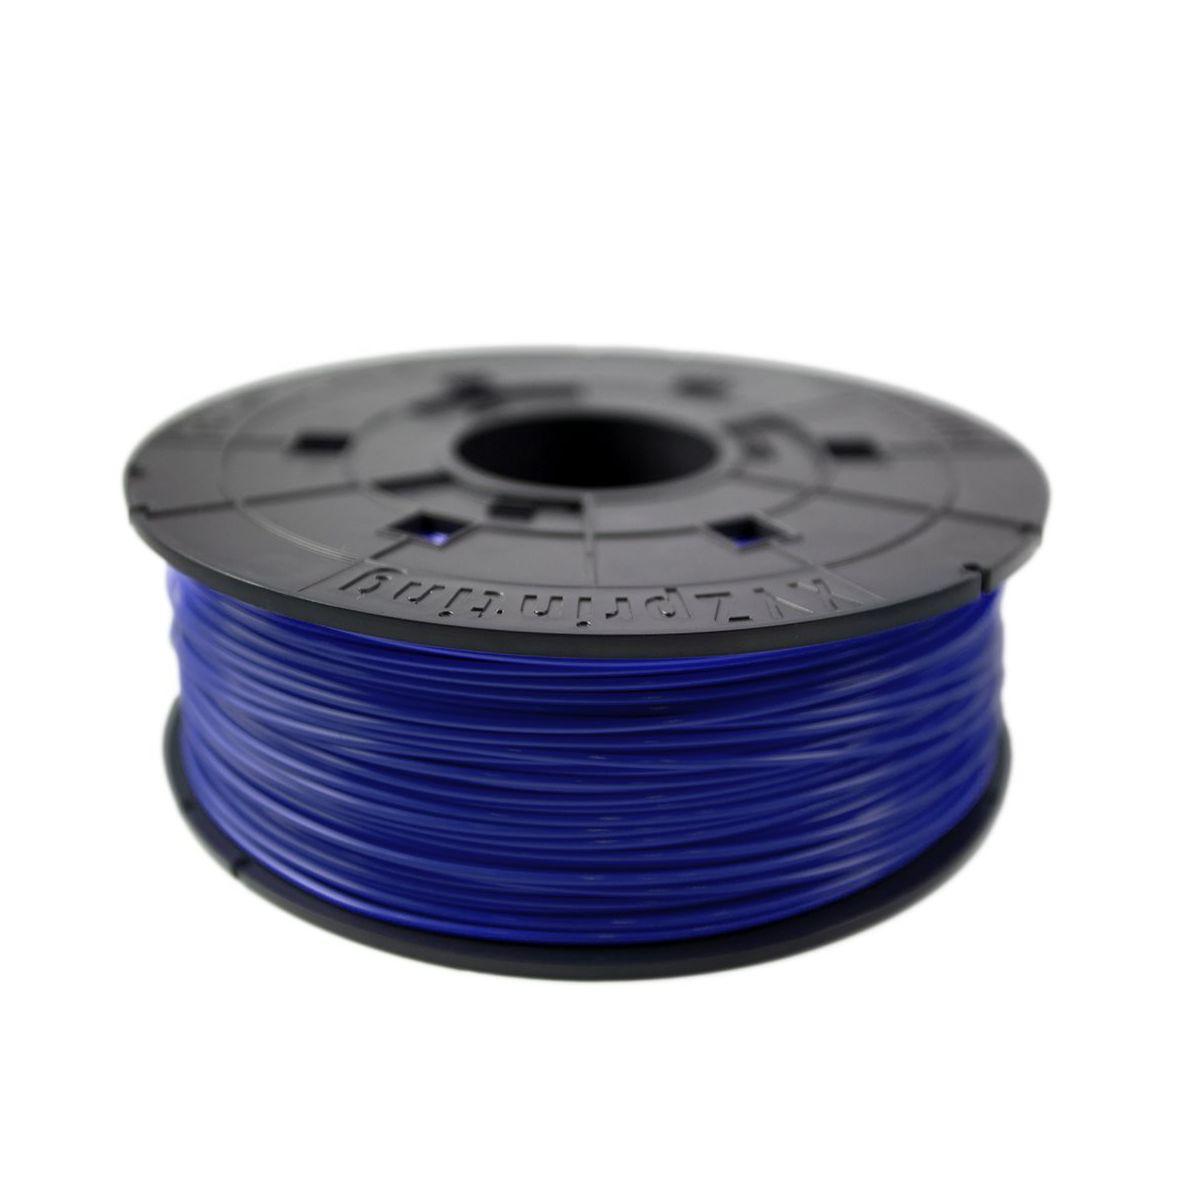 Filament 3d xyz printing filament abs bleu fonc? - 2% de remis...